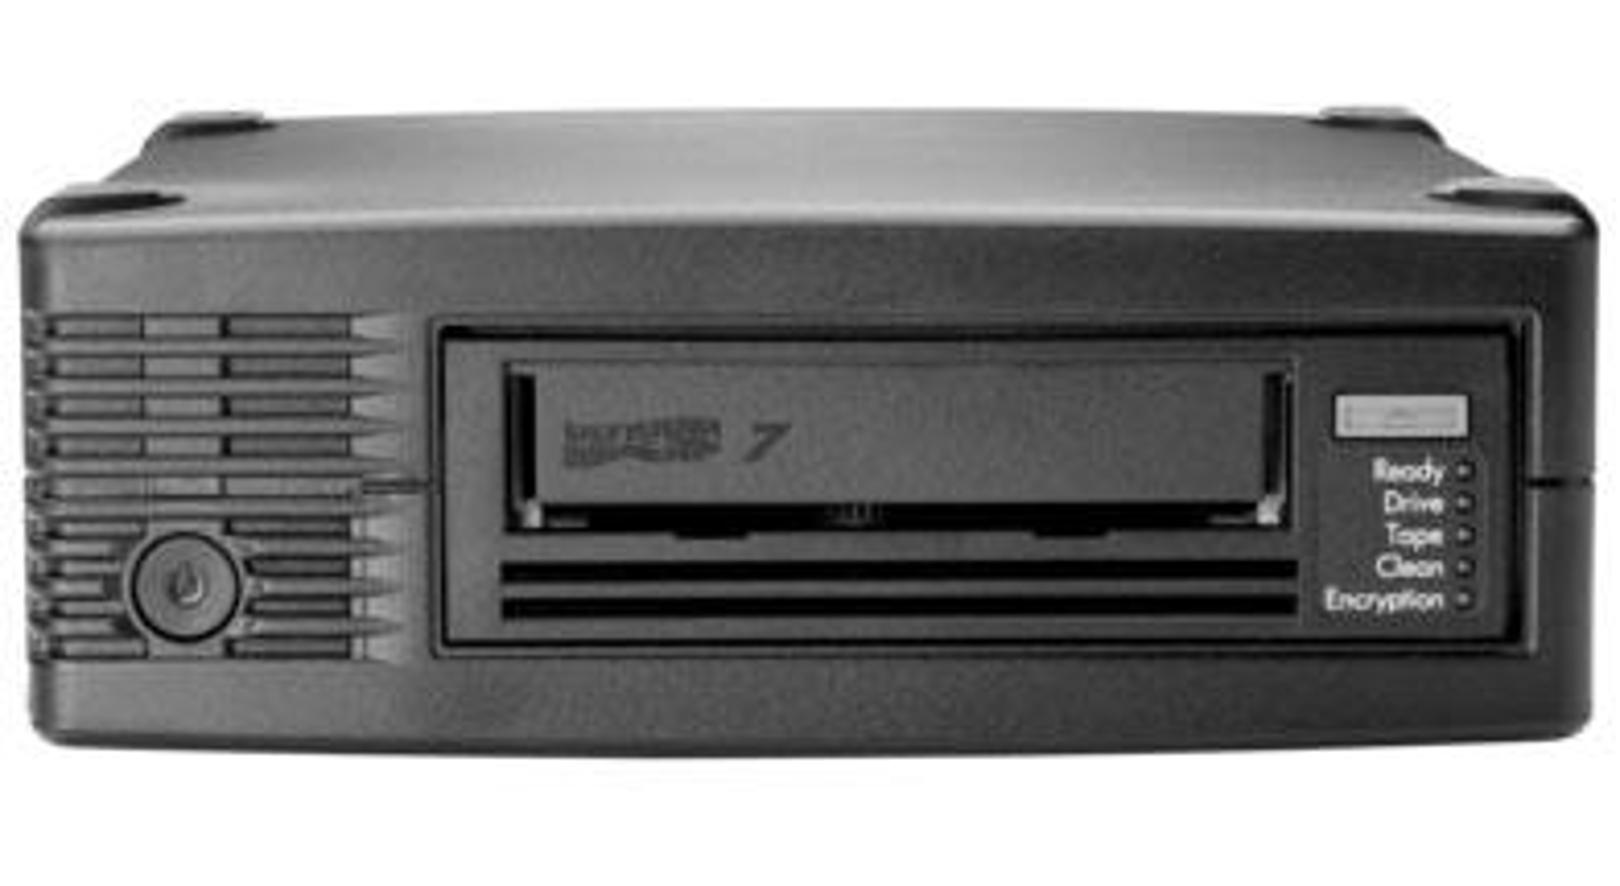 HP External Tape Drive